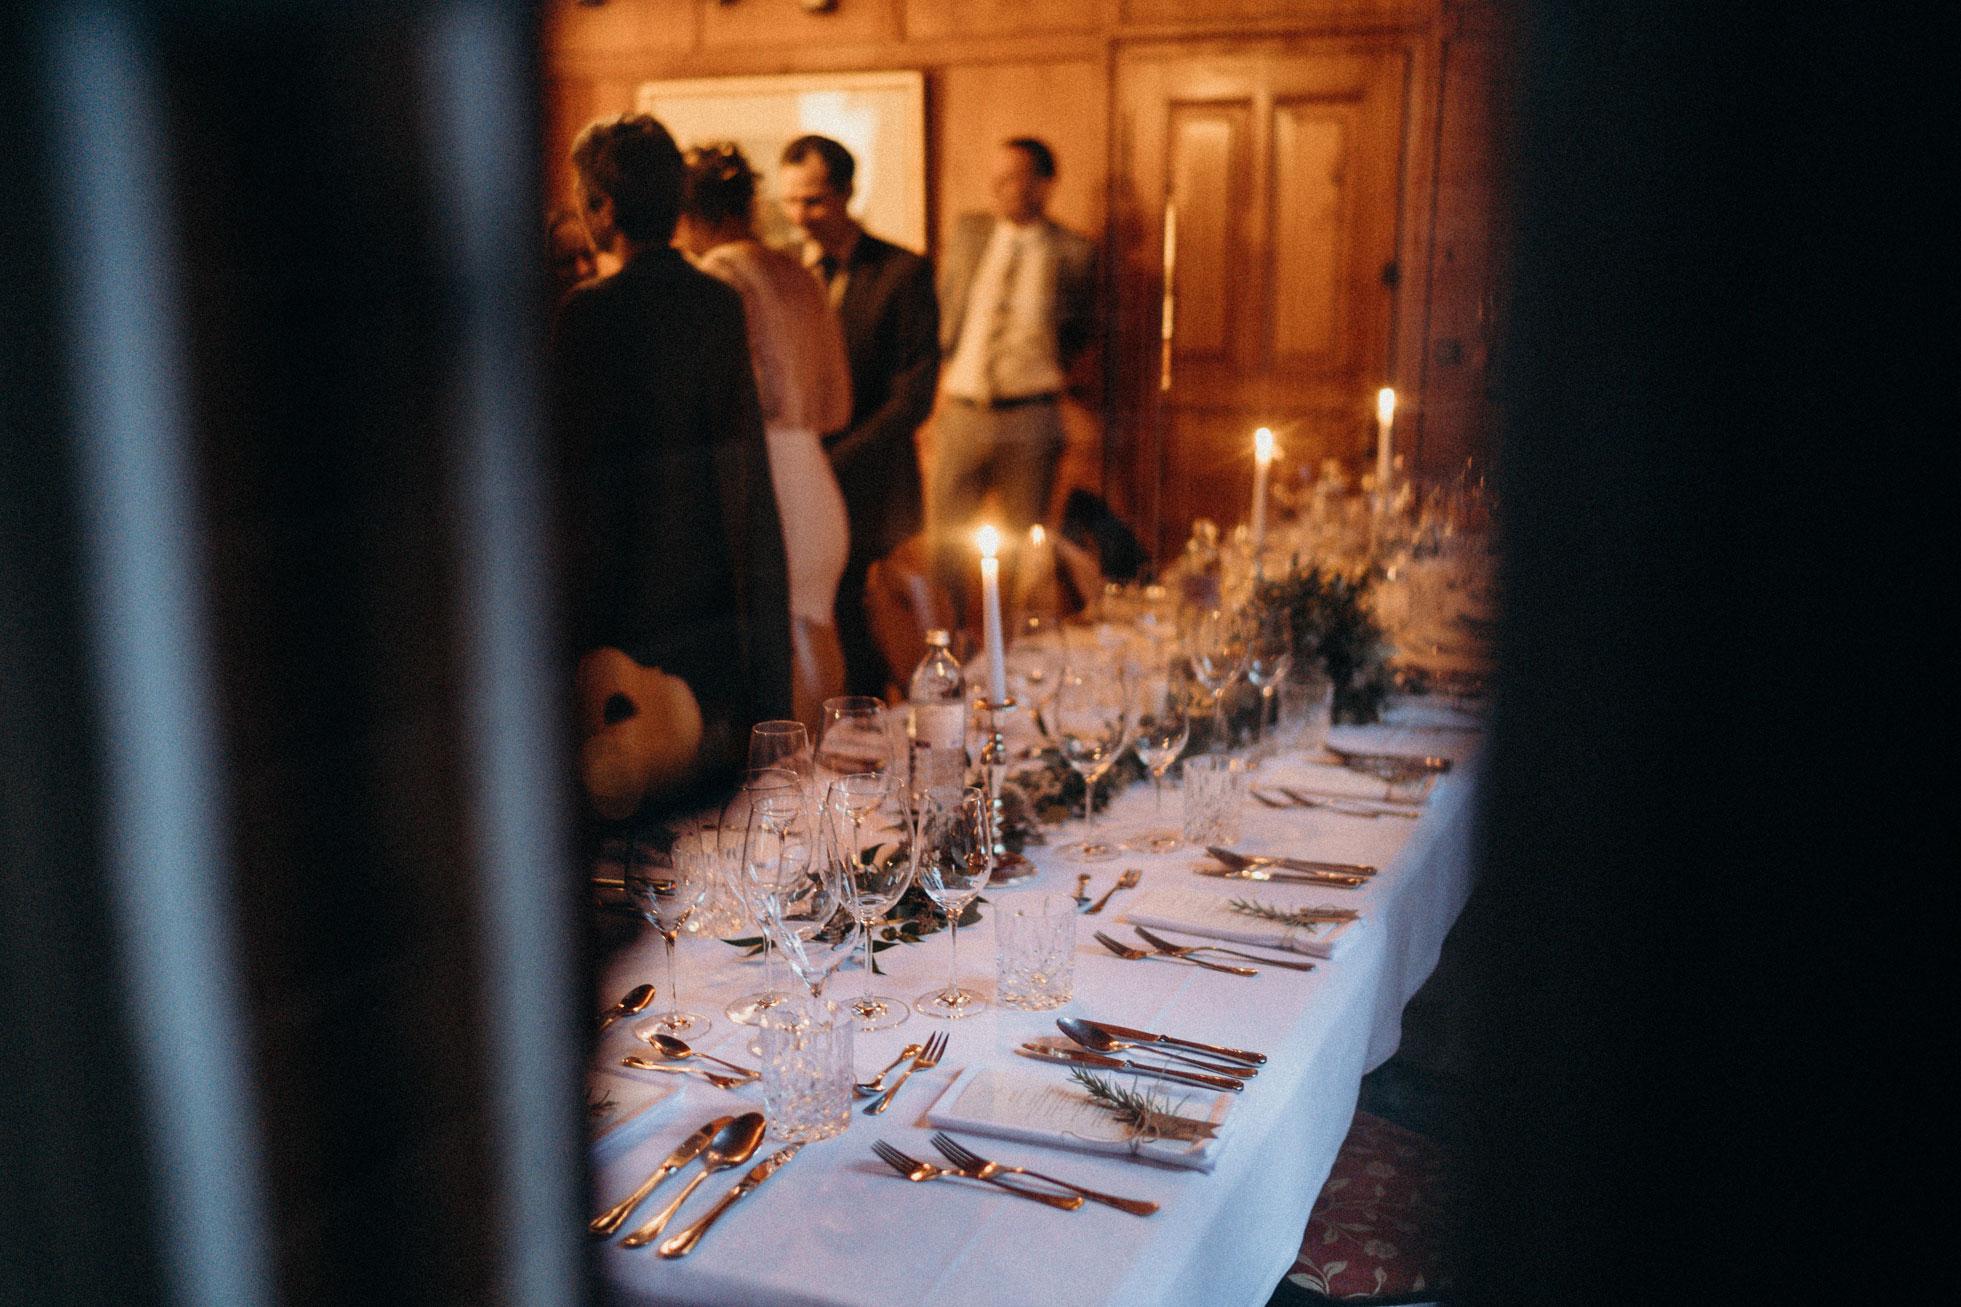 Hochzeit_Claire_Manuel_Villa_Maund_Daniel_Jenny-499.jpg